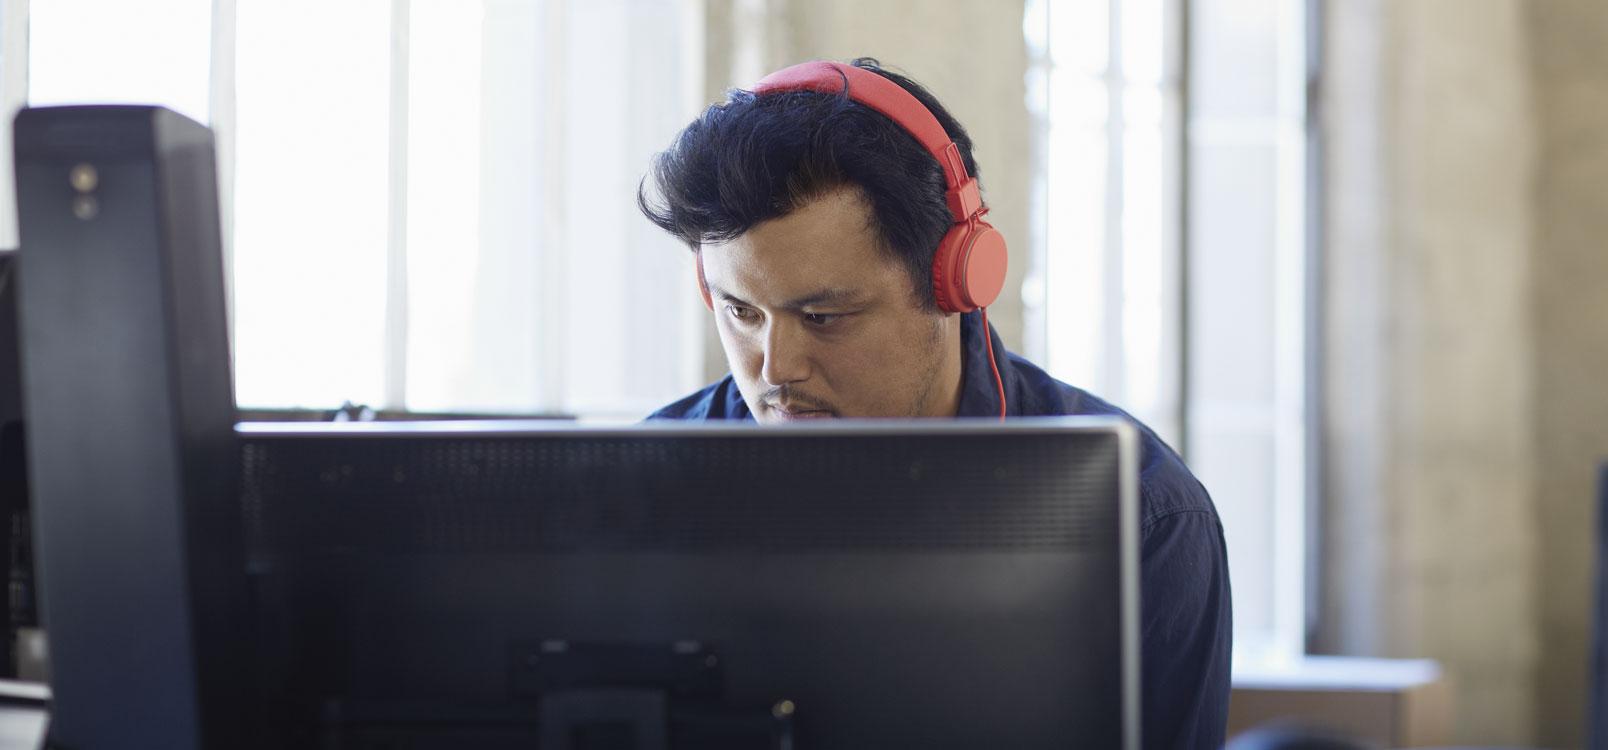 Чоловік у навушниках працює на настільному ПК в Office 365, щоб спростити ІТ-інфраструктуру.